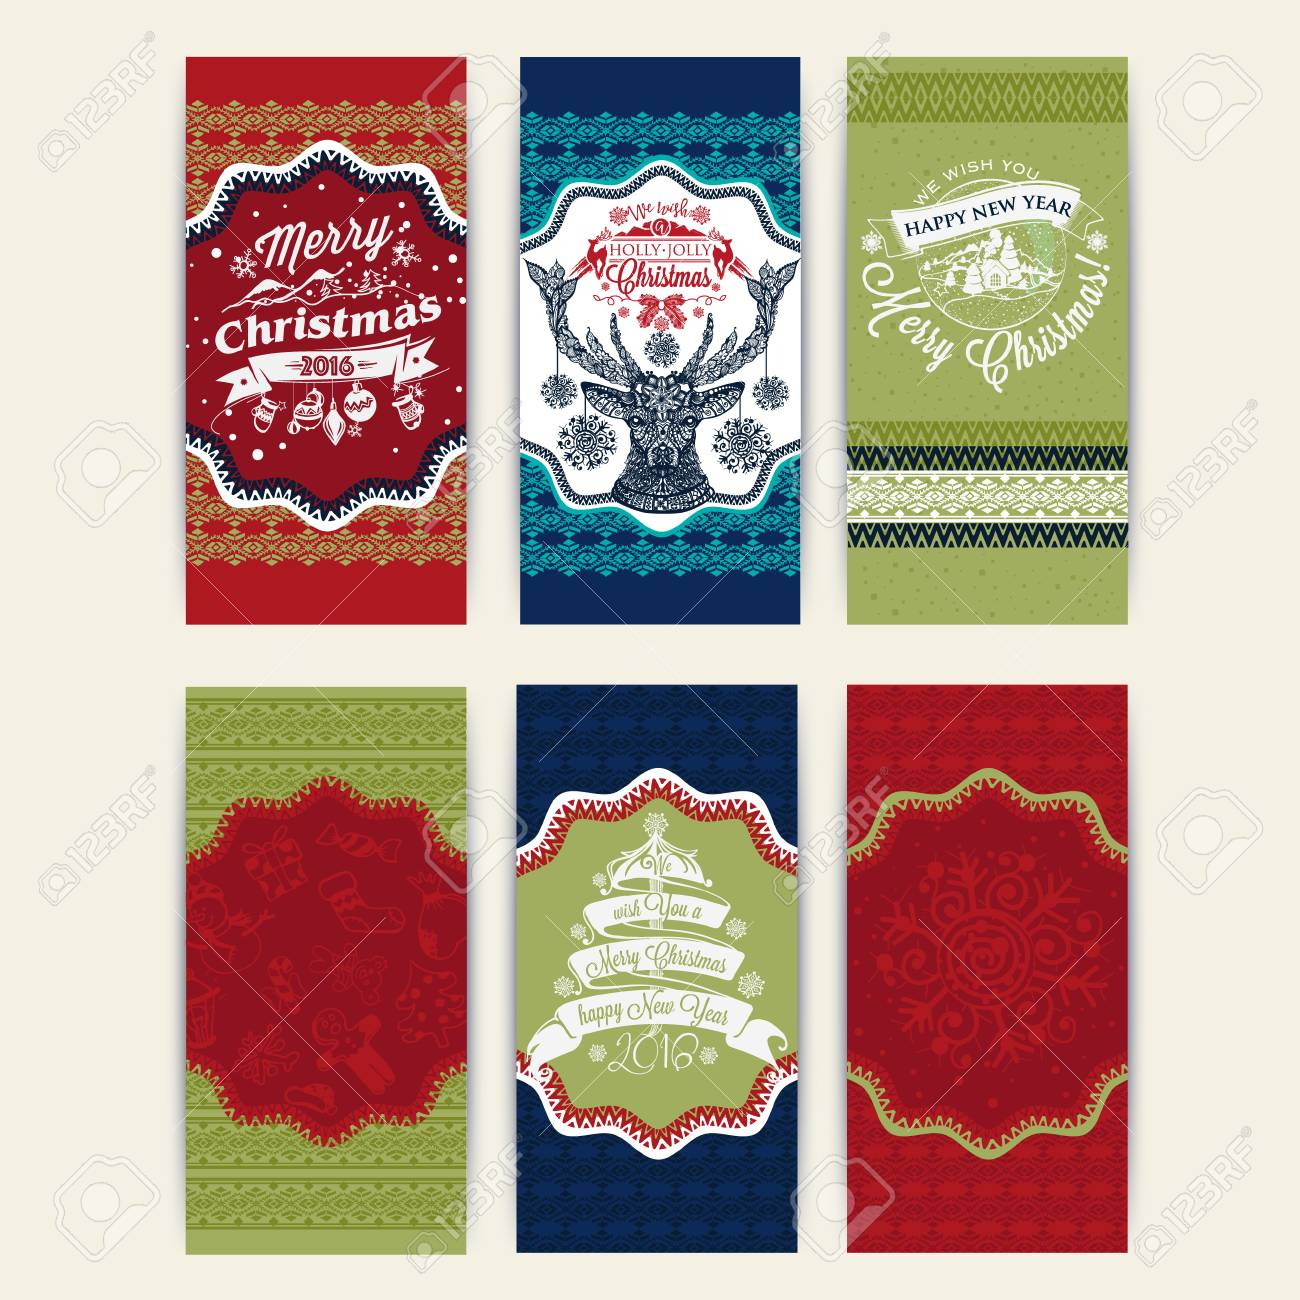 Biglietti Di Natale Modelli.Buon Natale Set Di Sei Modelli Di Natale E Biglietti Di Auguri Per Le Congratulazioni